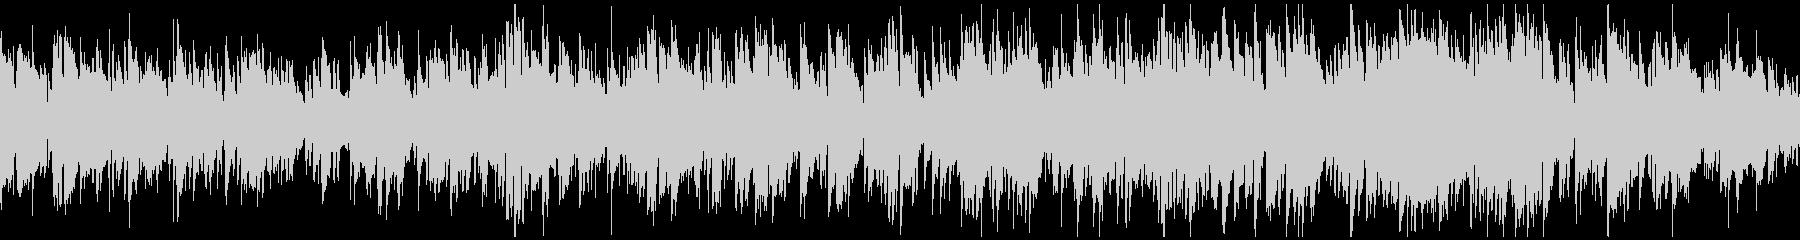 大人のマイナー調ボサノバ ※ループ仕様版の未再生の波形